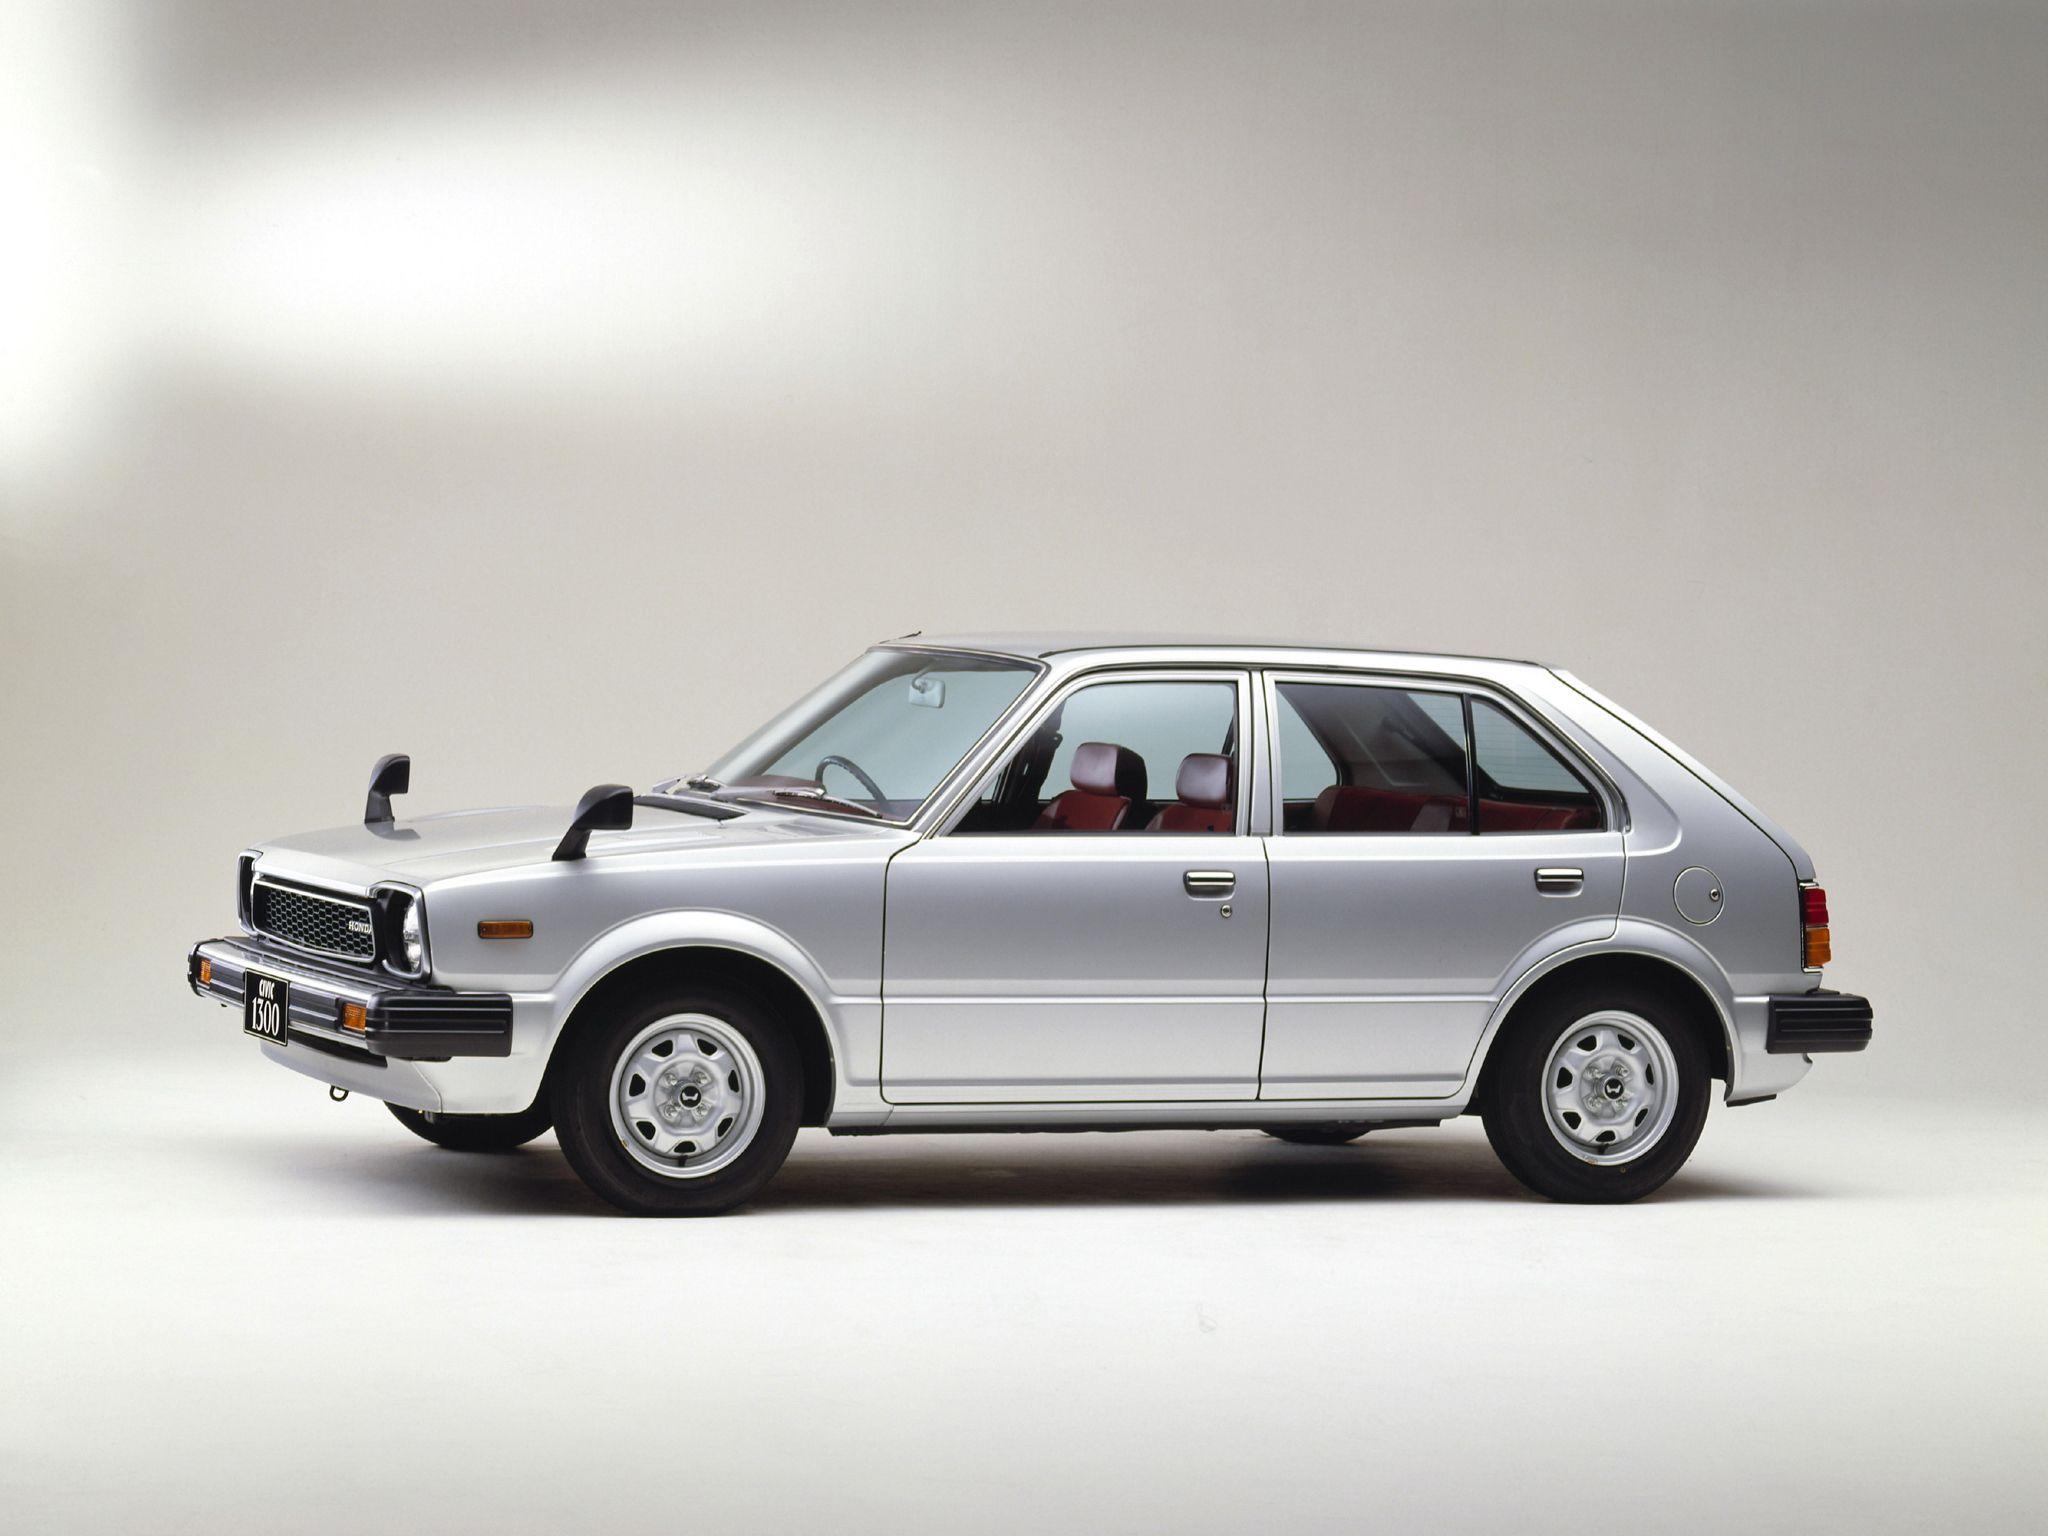 Civic Classic Sedan Black Olx: 1979-83 Honda Civic 5-door